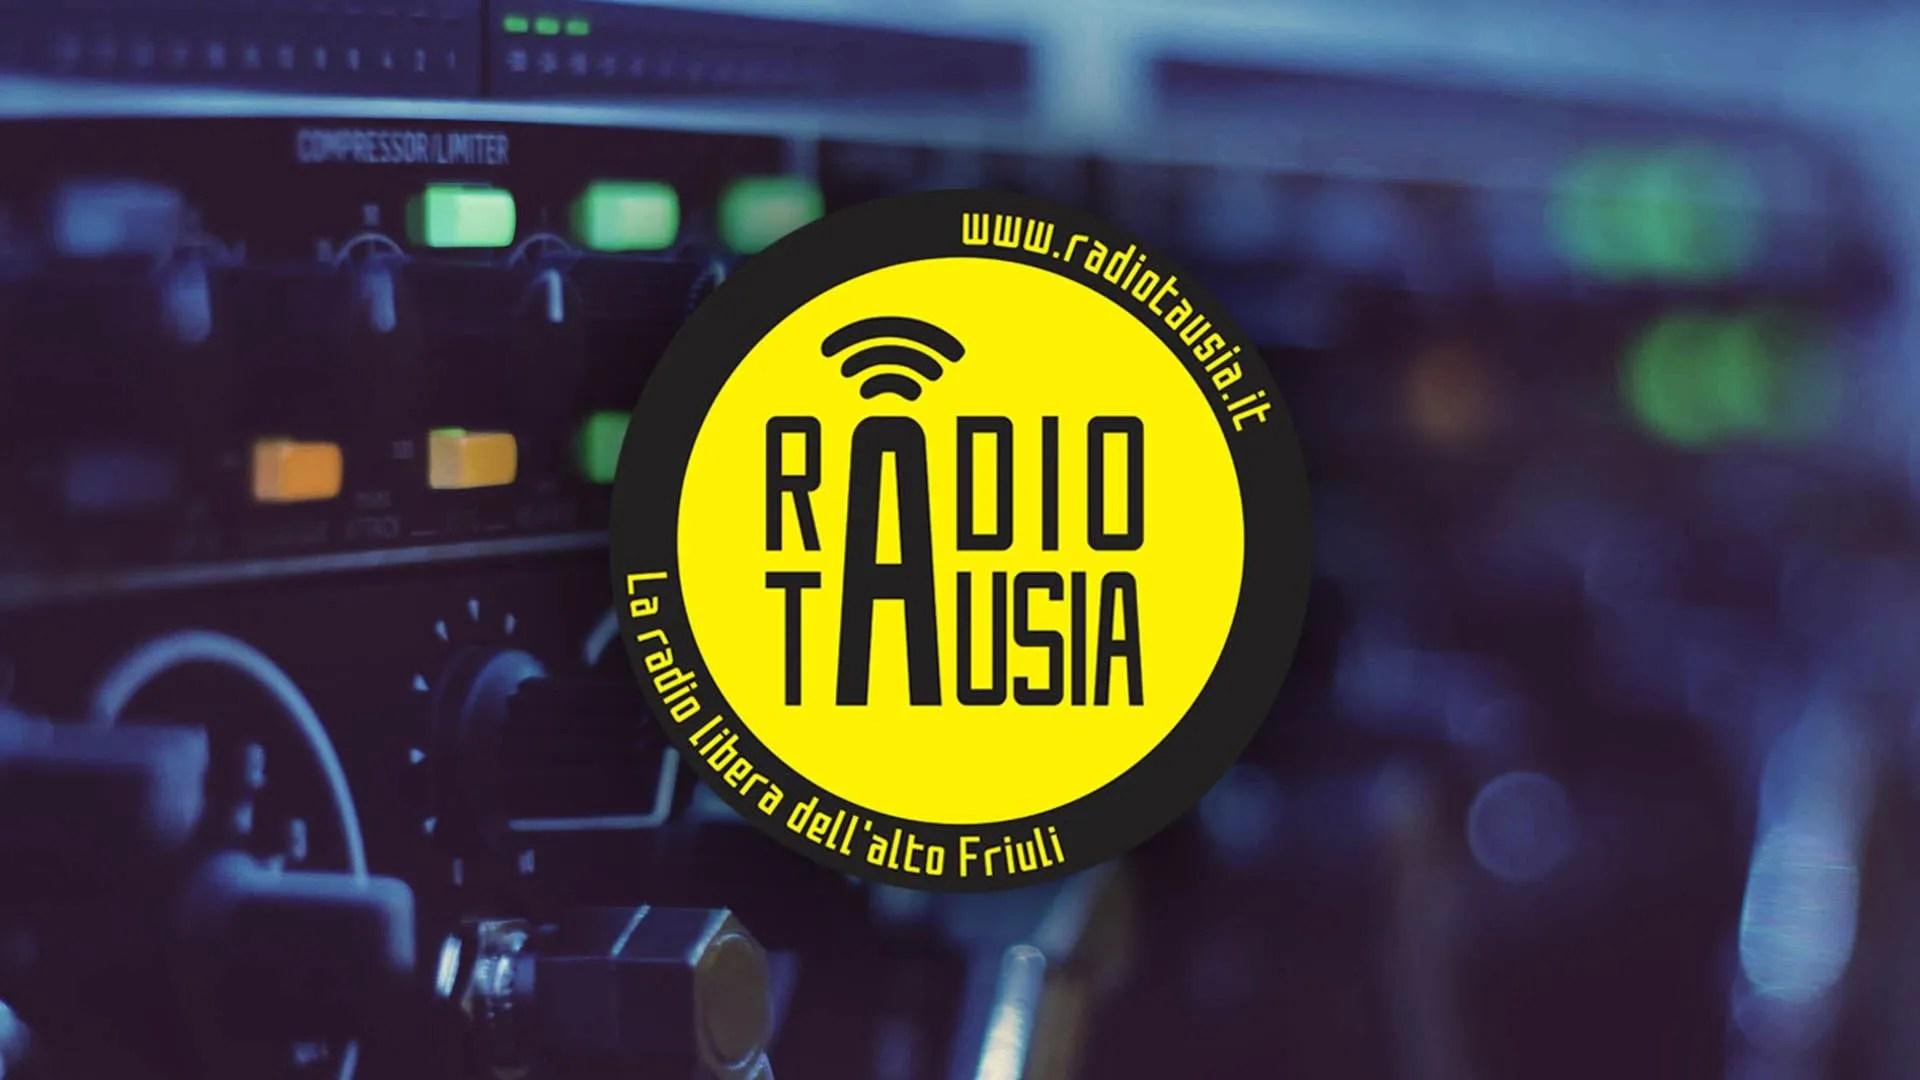 Dal 18 Maggio 2020 Radio Tausia ha un nuovo slogan e un suono Mozzafiato